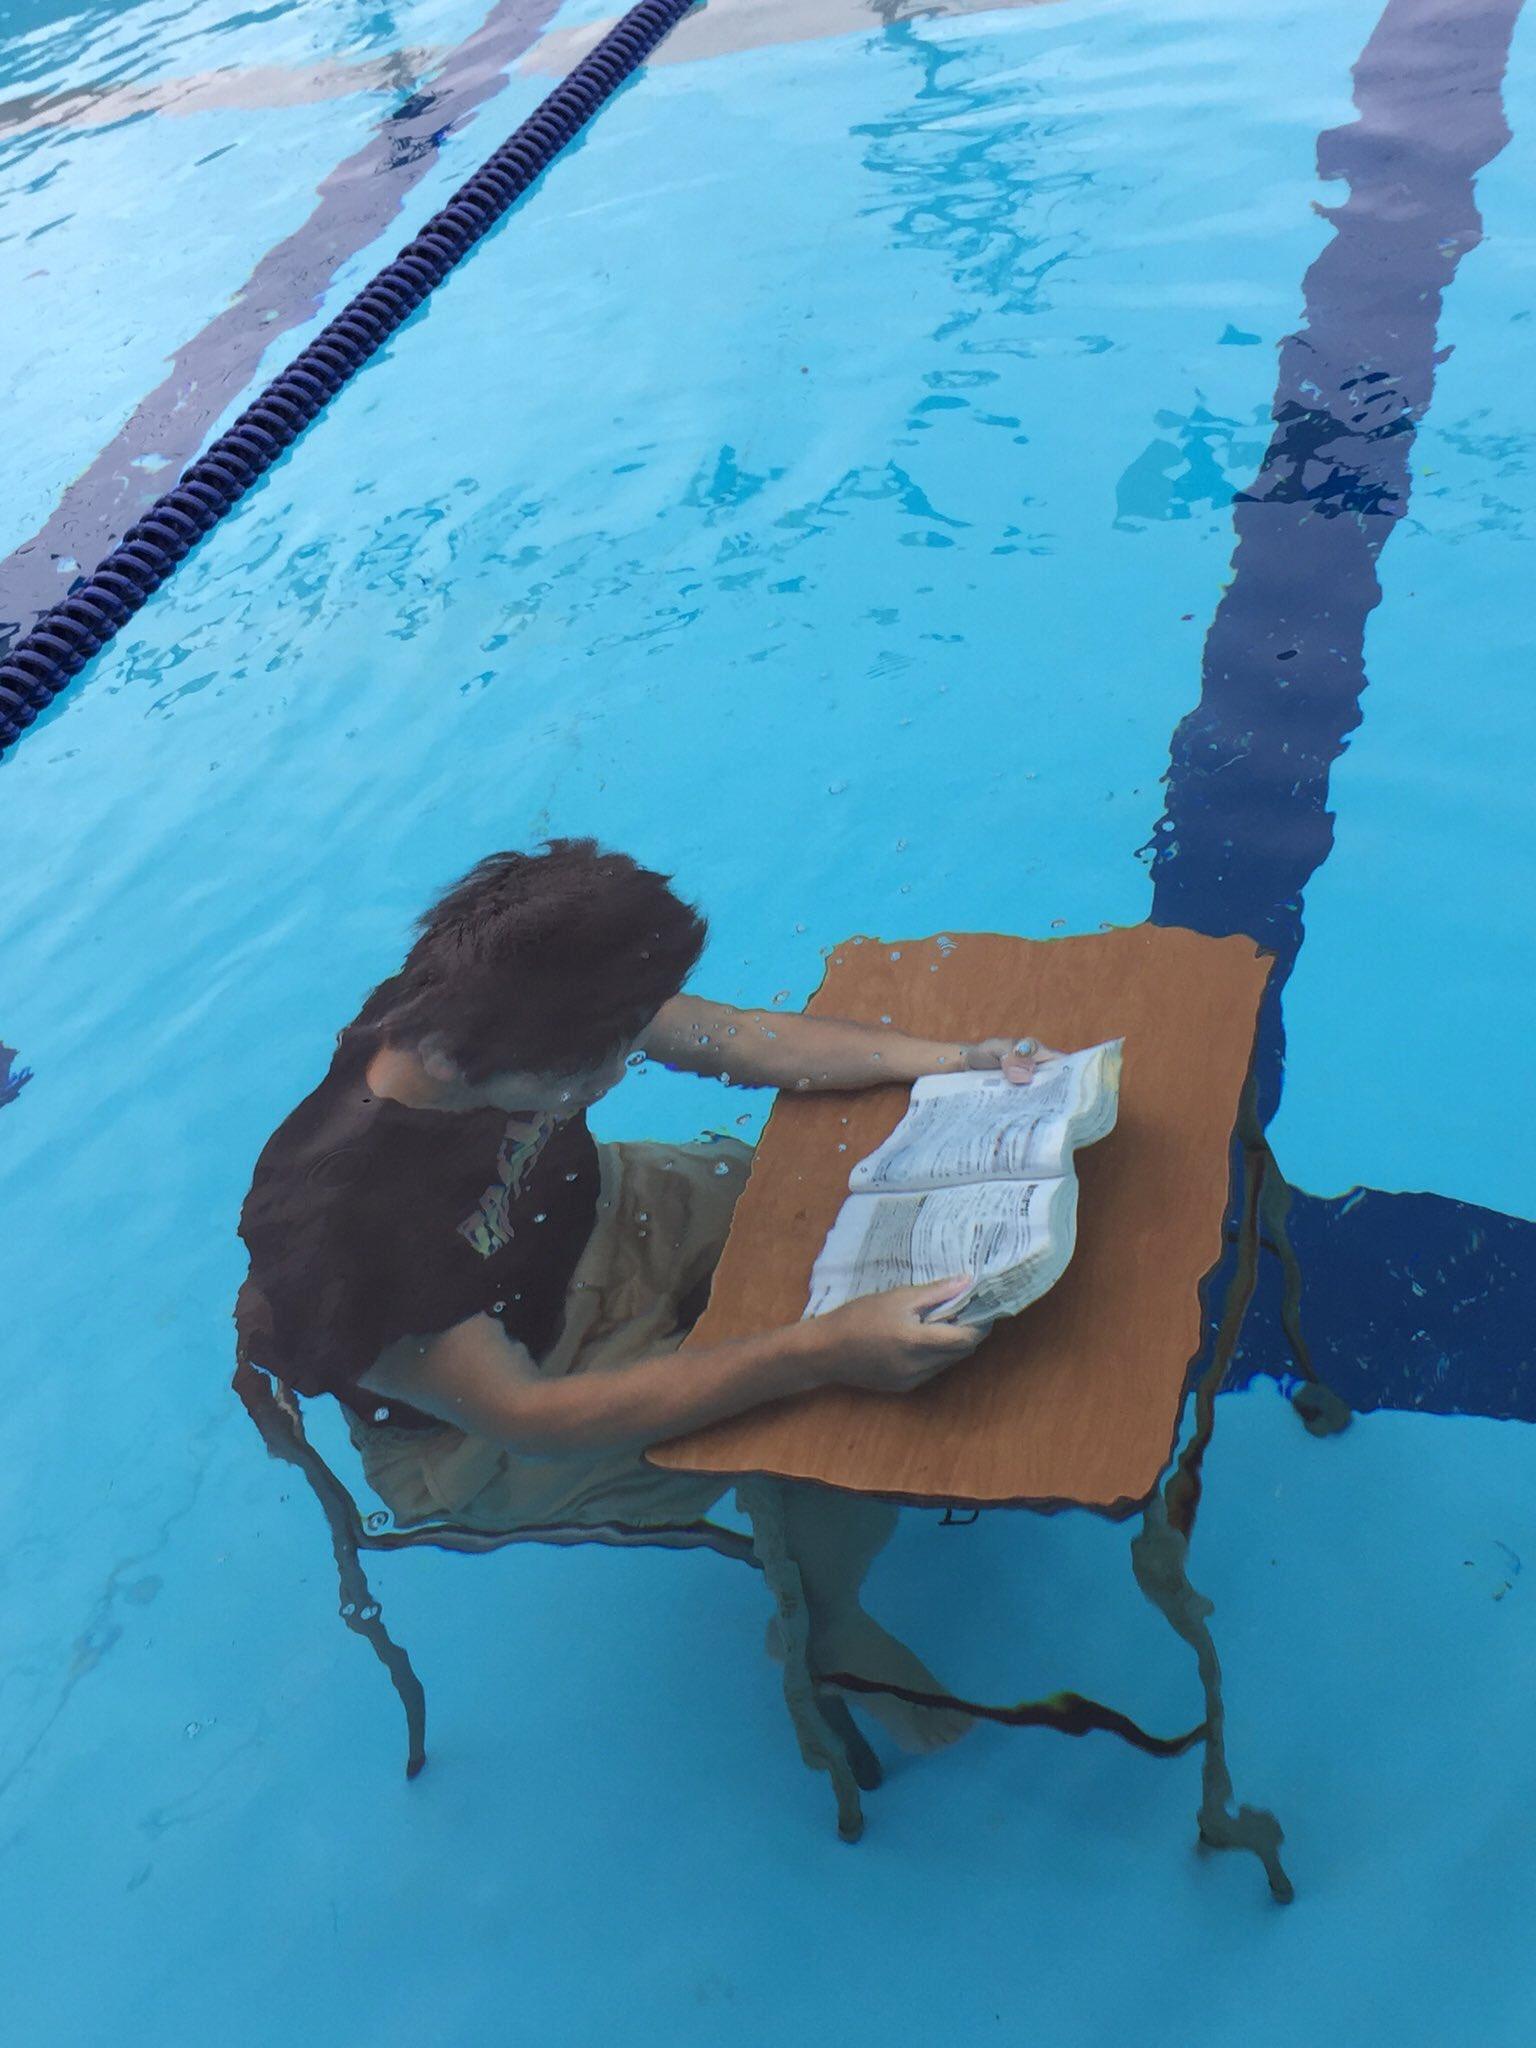 水泳部が部活と勉強を両立させた結果?水中学習が始まったwww